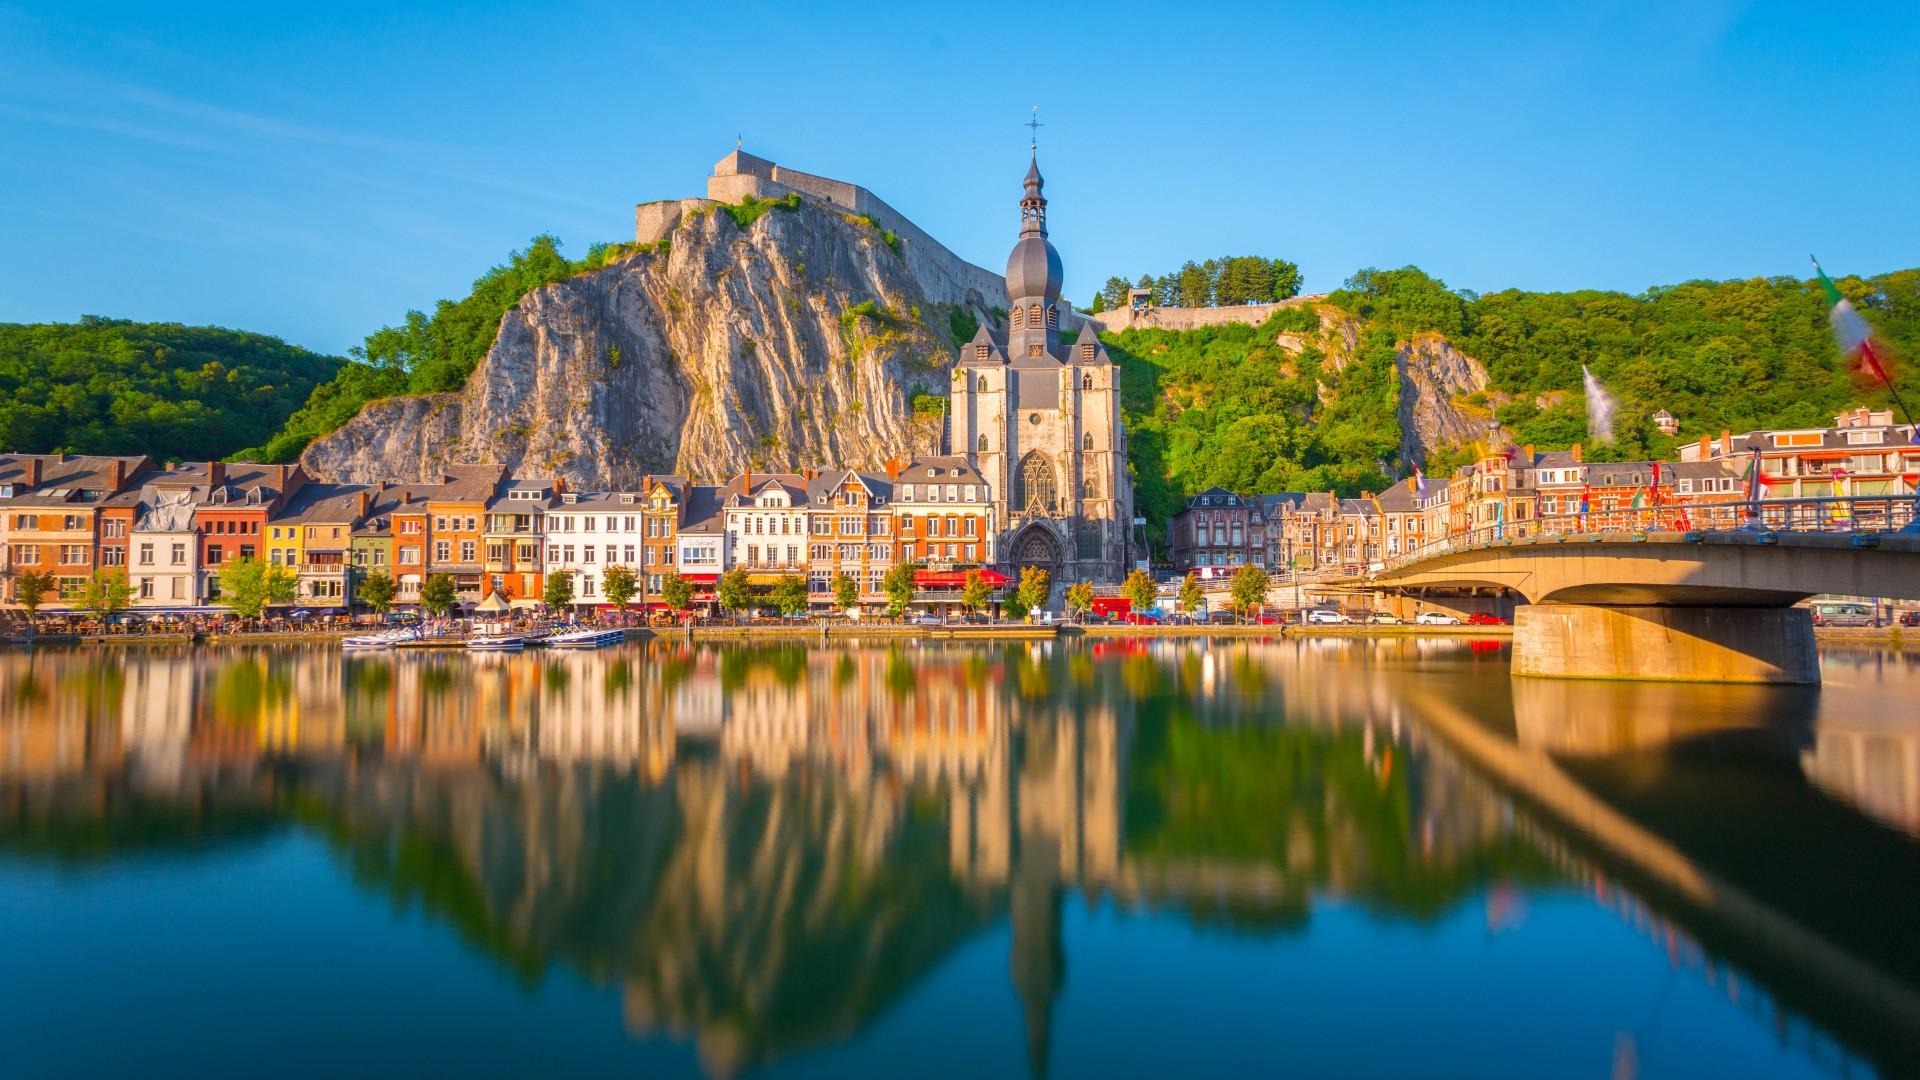 dinant-el-puente-la-catedral-gotica-y-el-secret-world